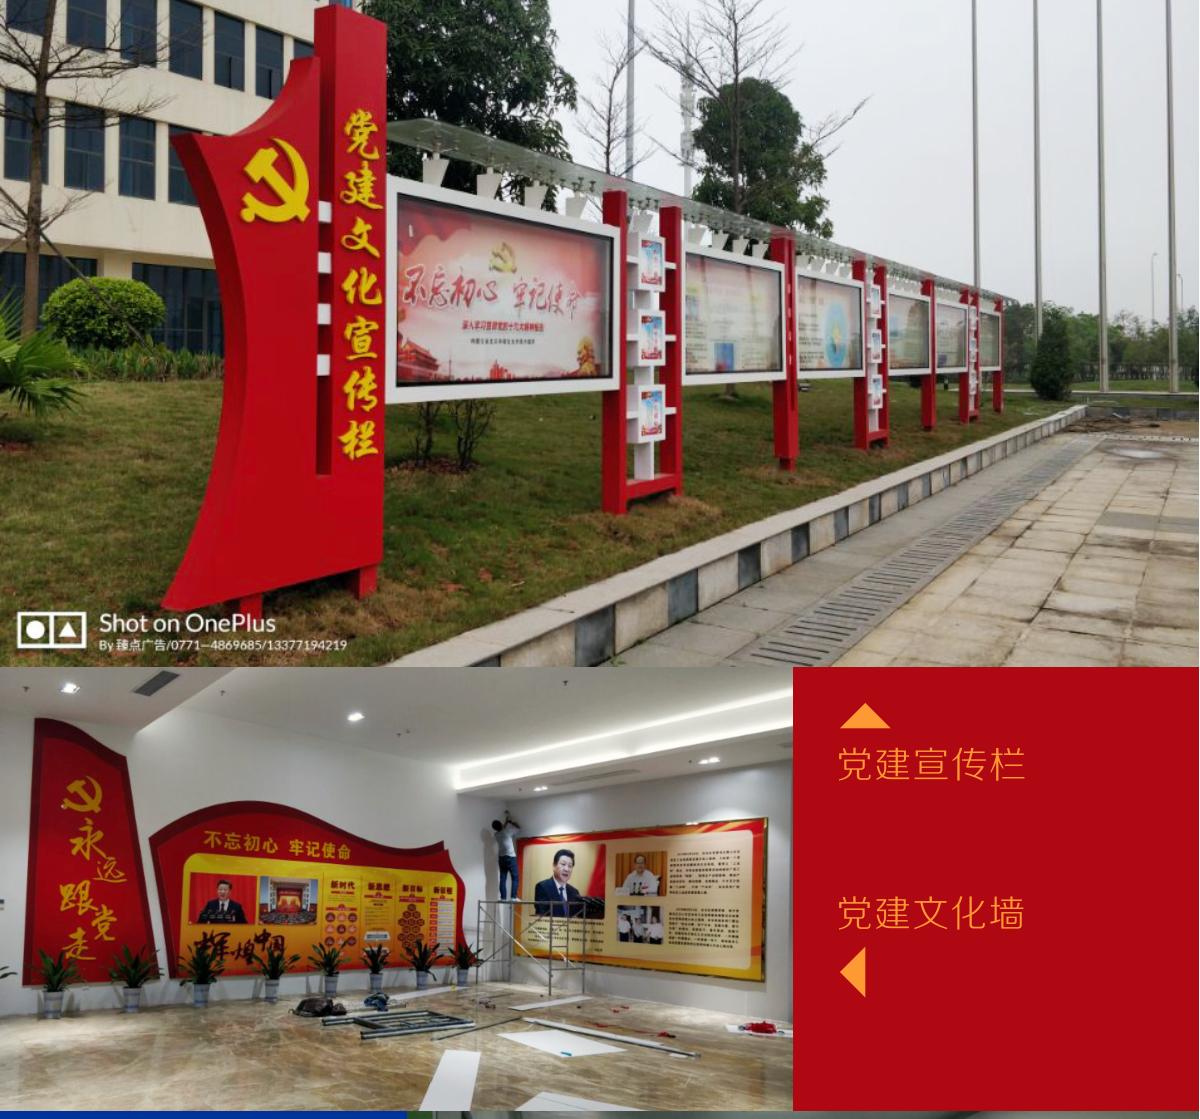 小蝌蚪影院达达兔海王工地围挡党建企业文化_03.png